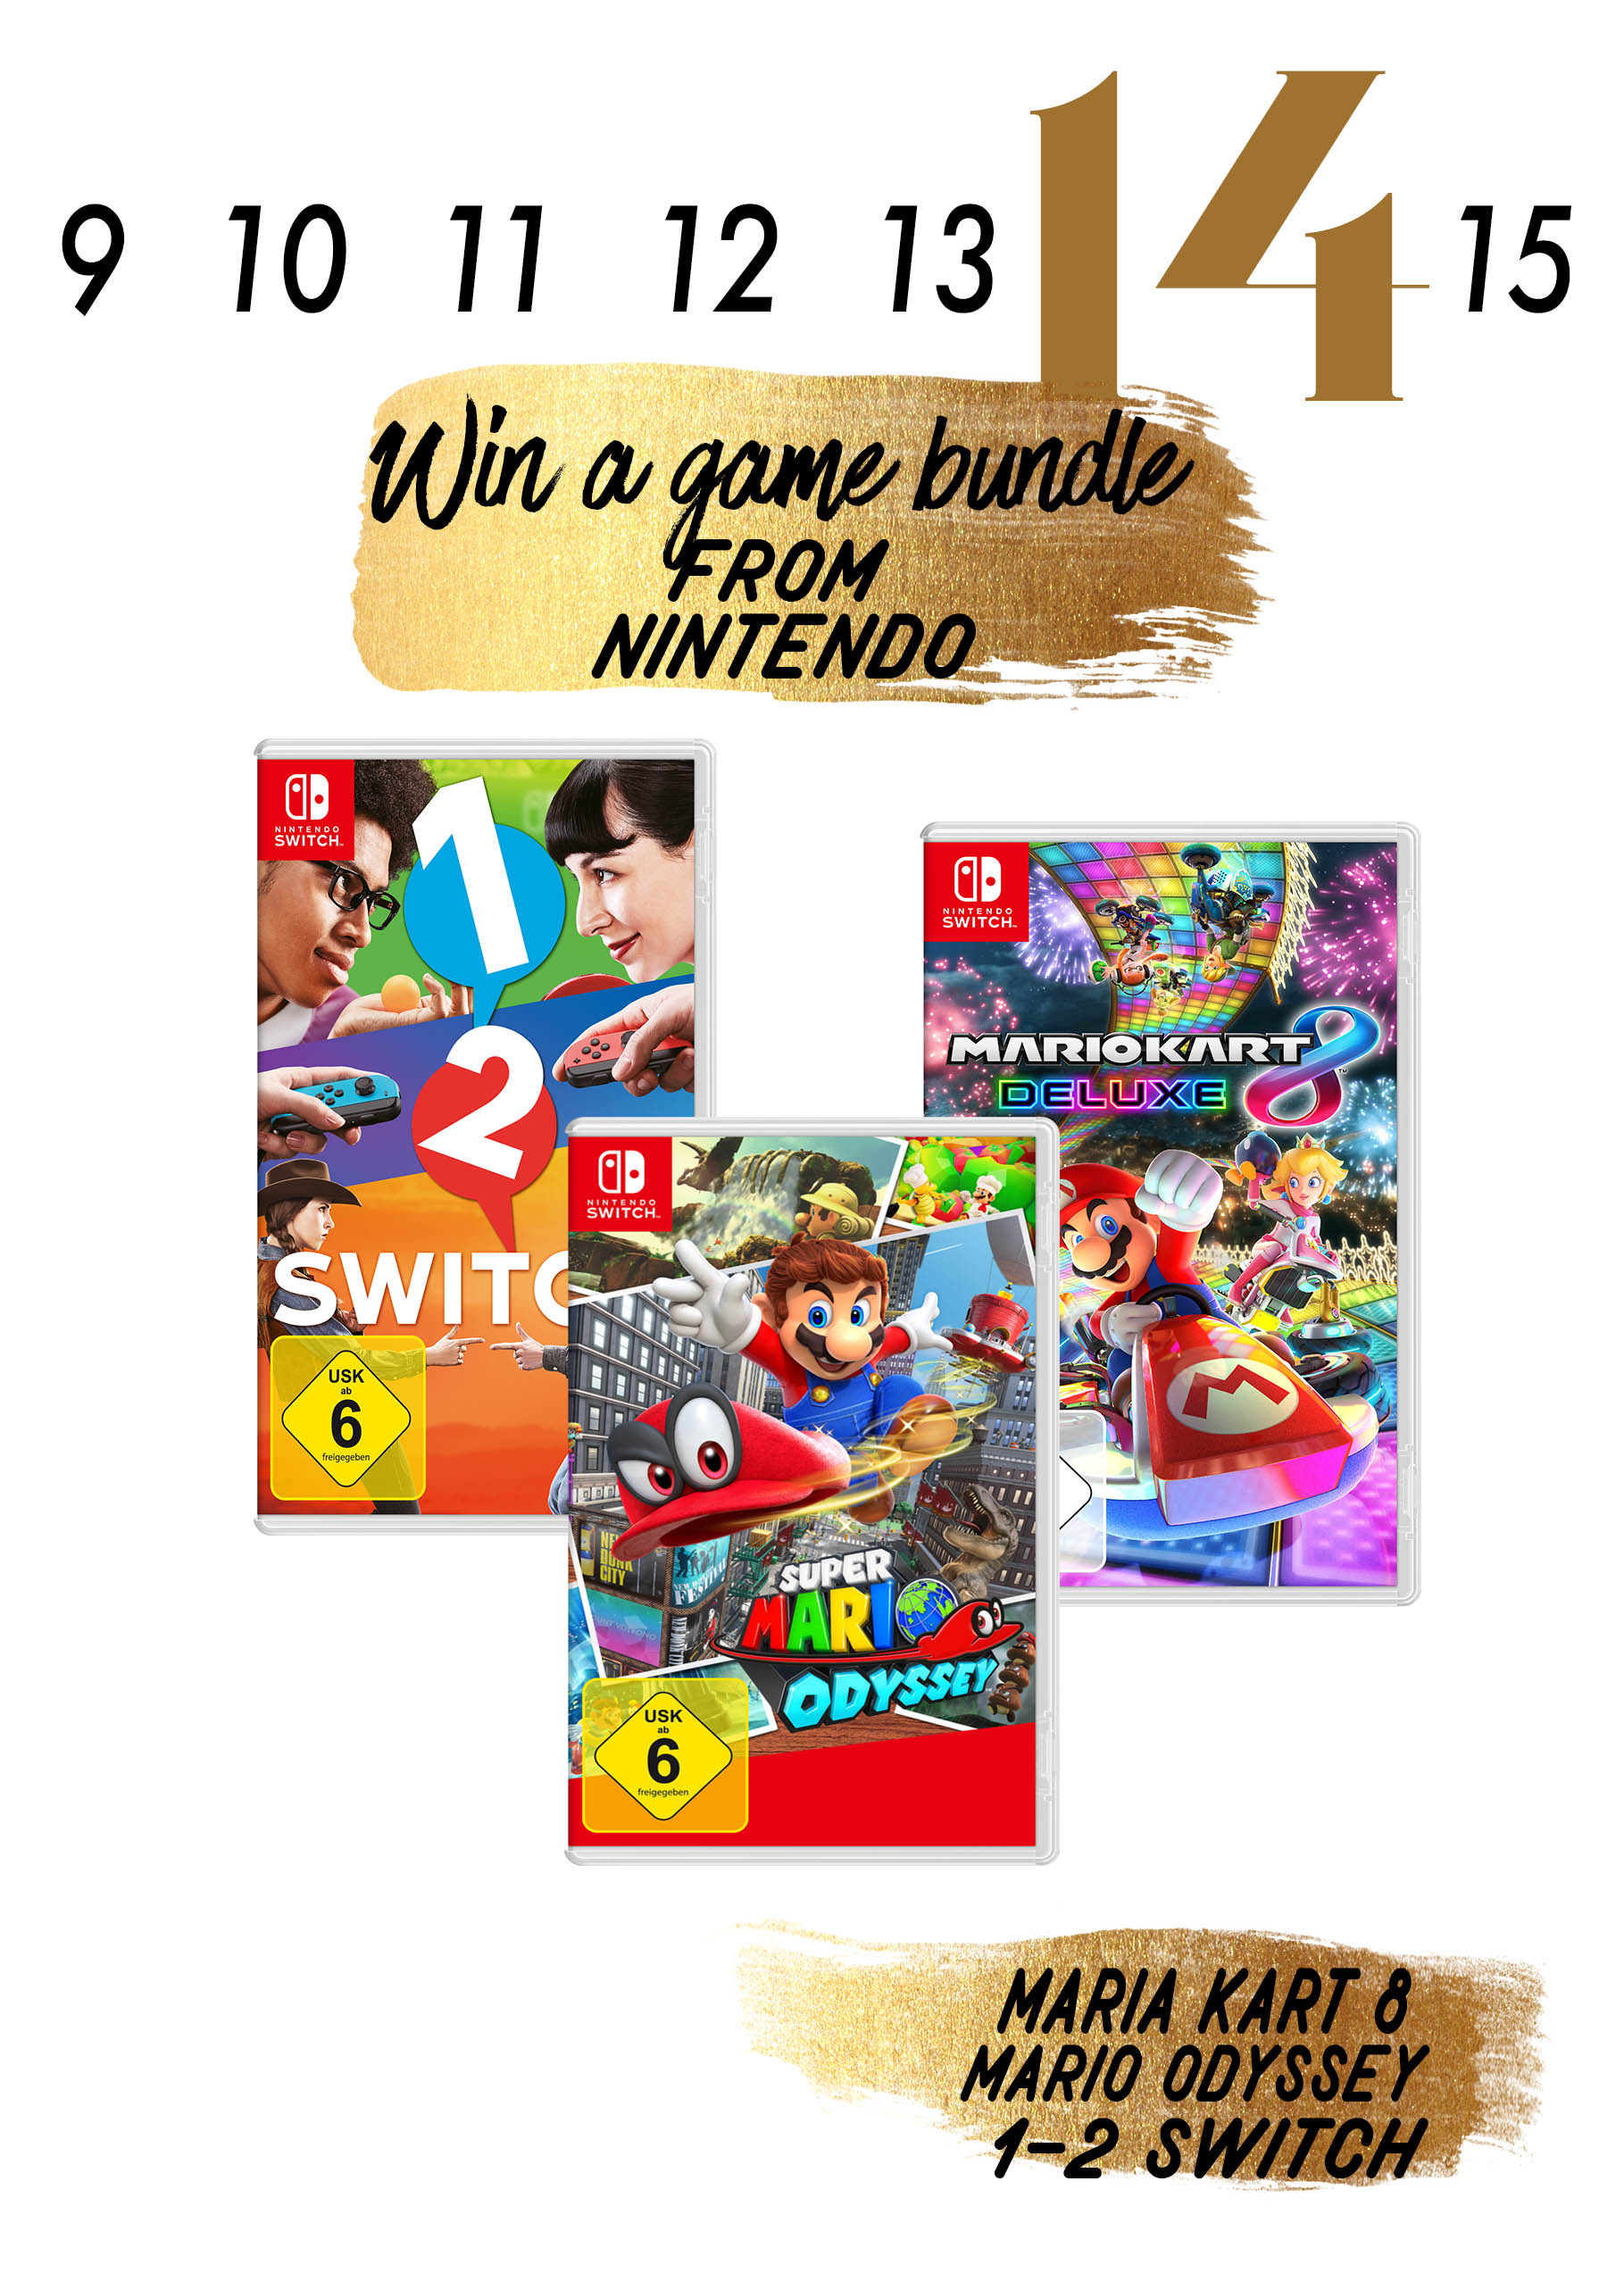 Im Türchen 14 gibt es ein tolles Gaming Paket für die Nintendo Switch zu gewinnen.